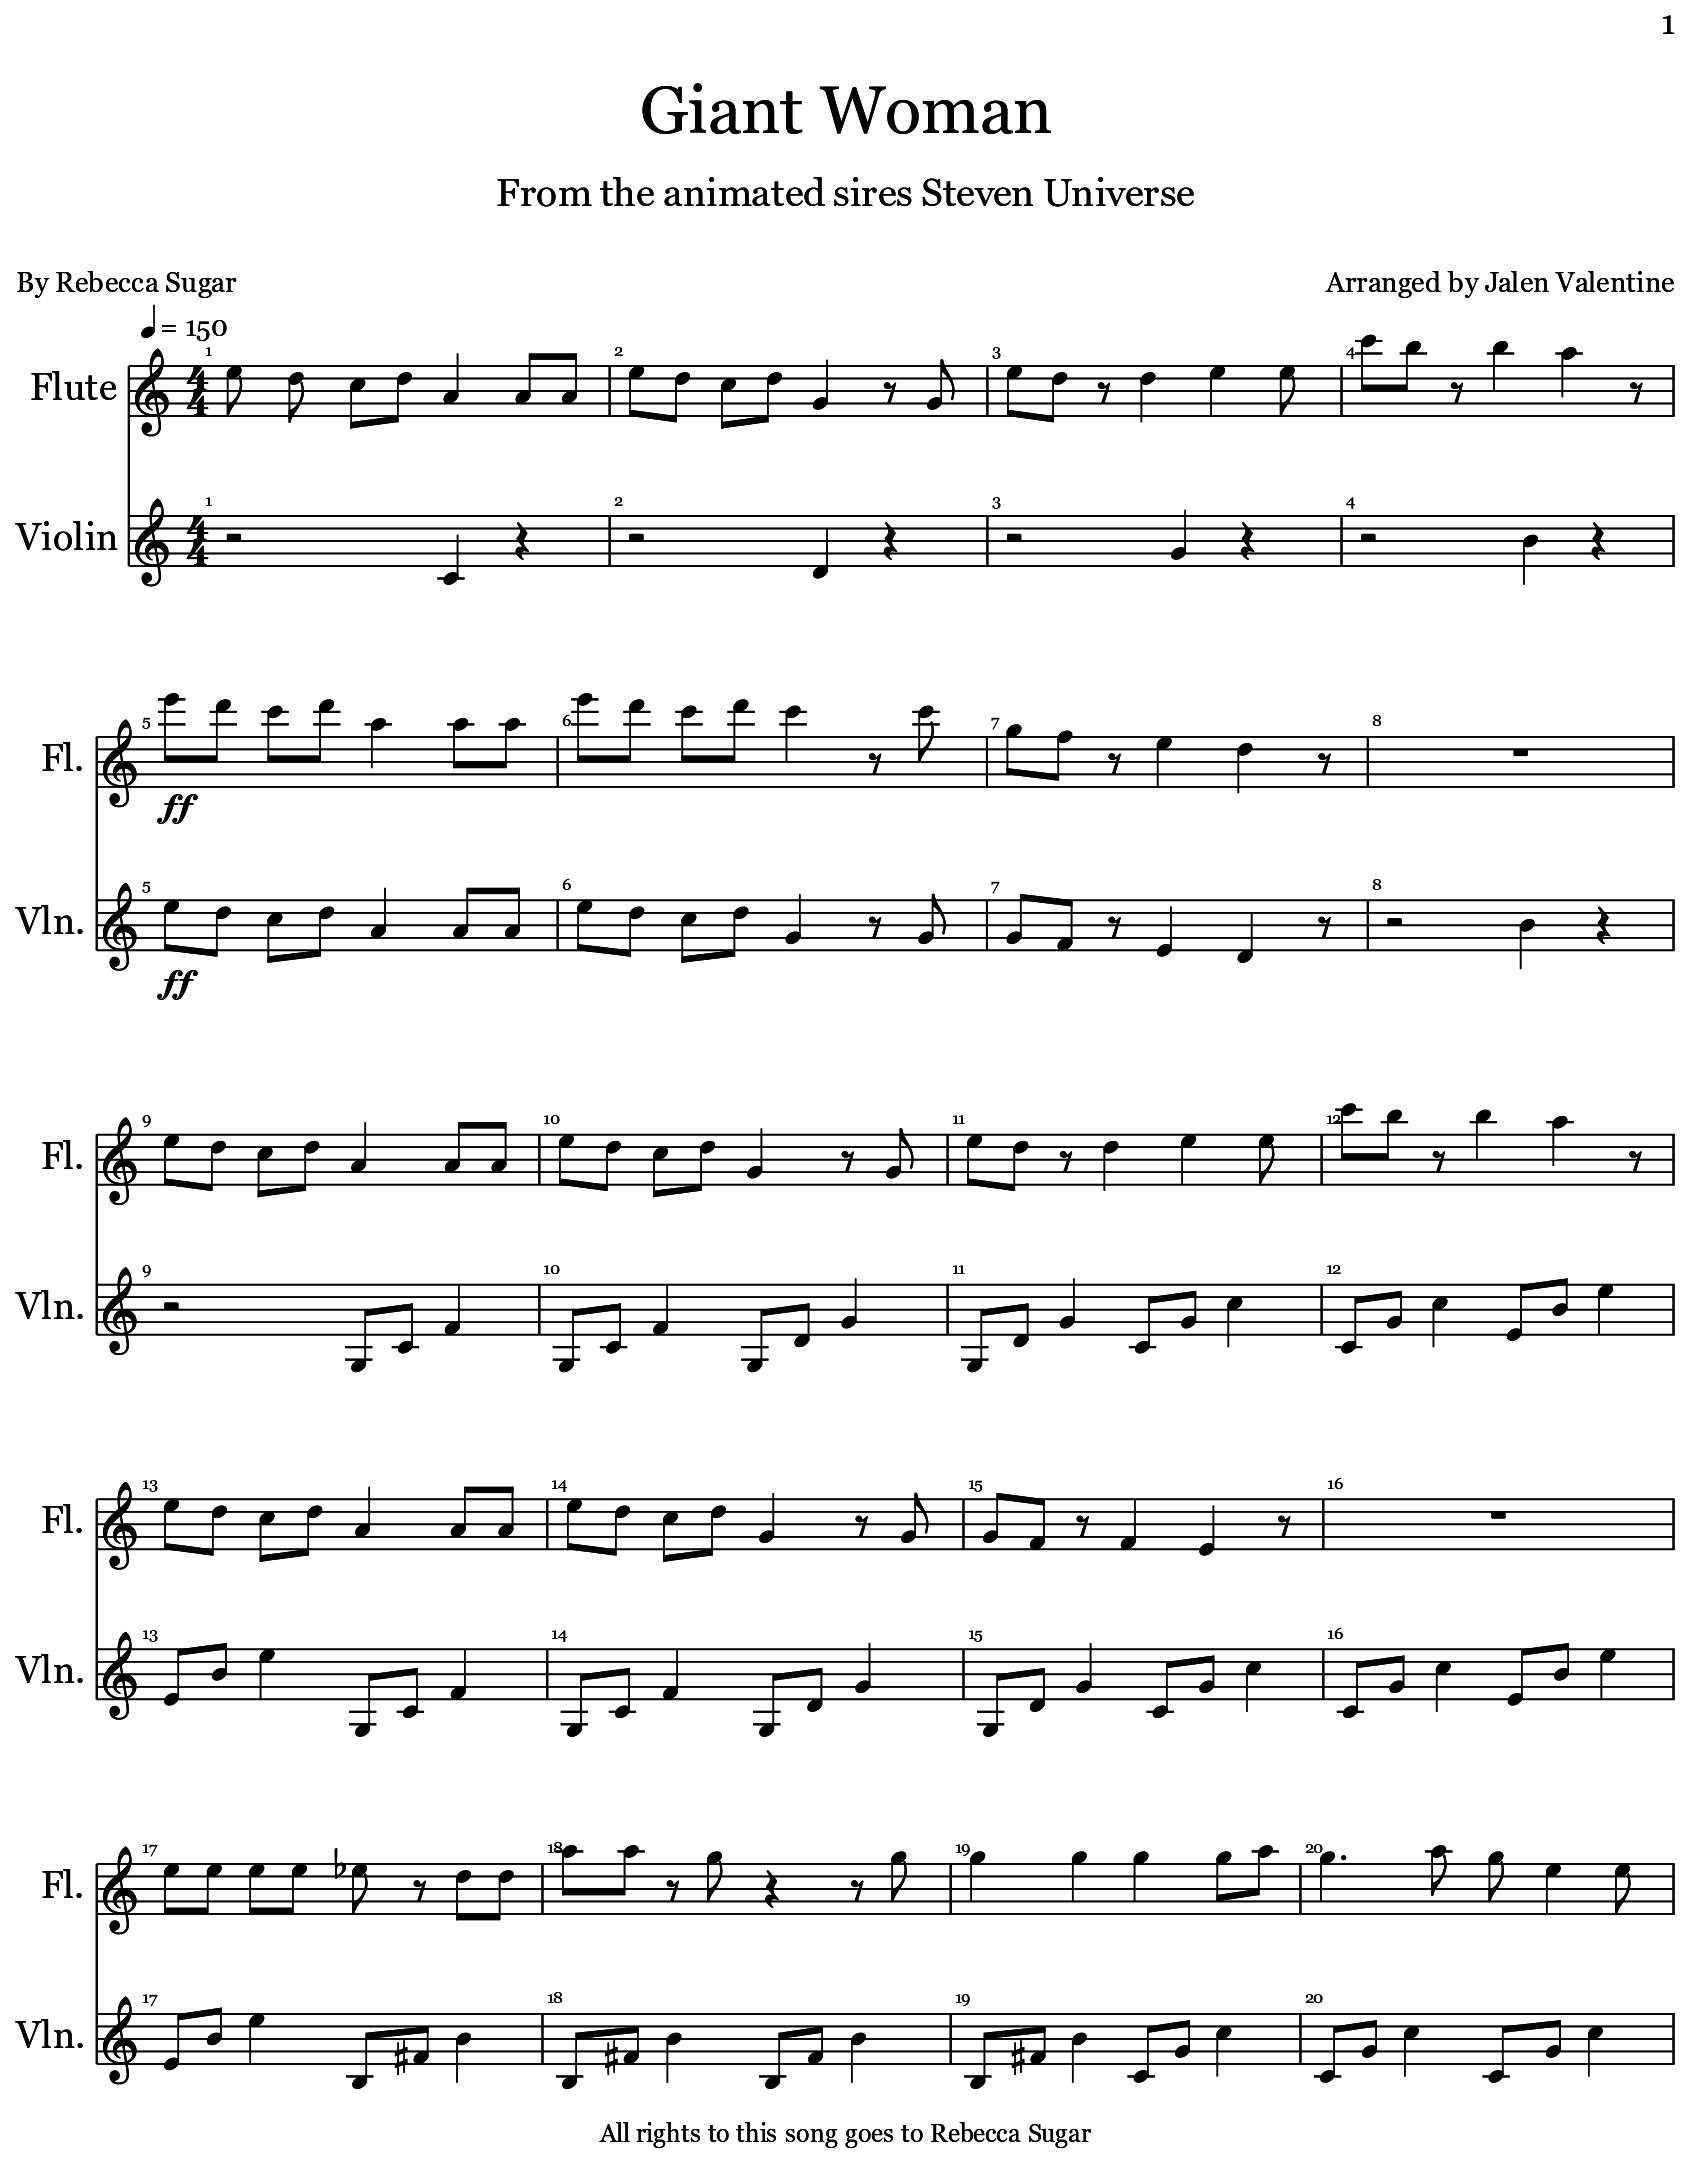 Giant woman written by jalen valentine flat music musicscore giant woman written by jalen valentine flat music musicscore score hexwebz Images